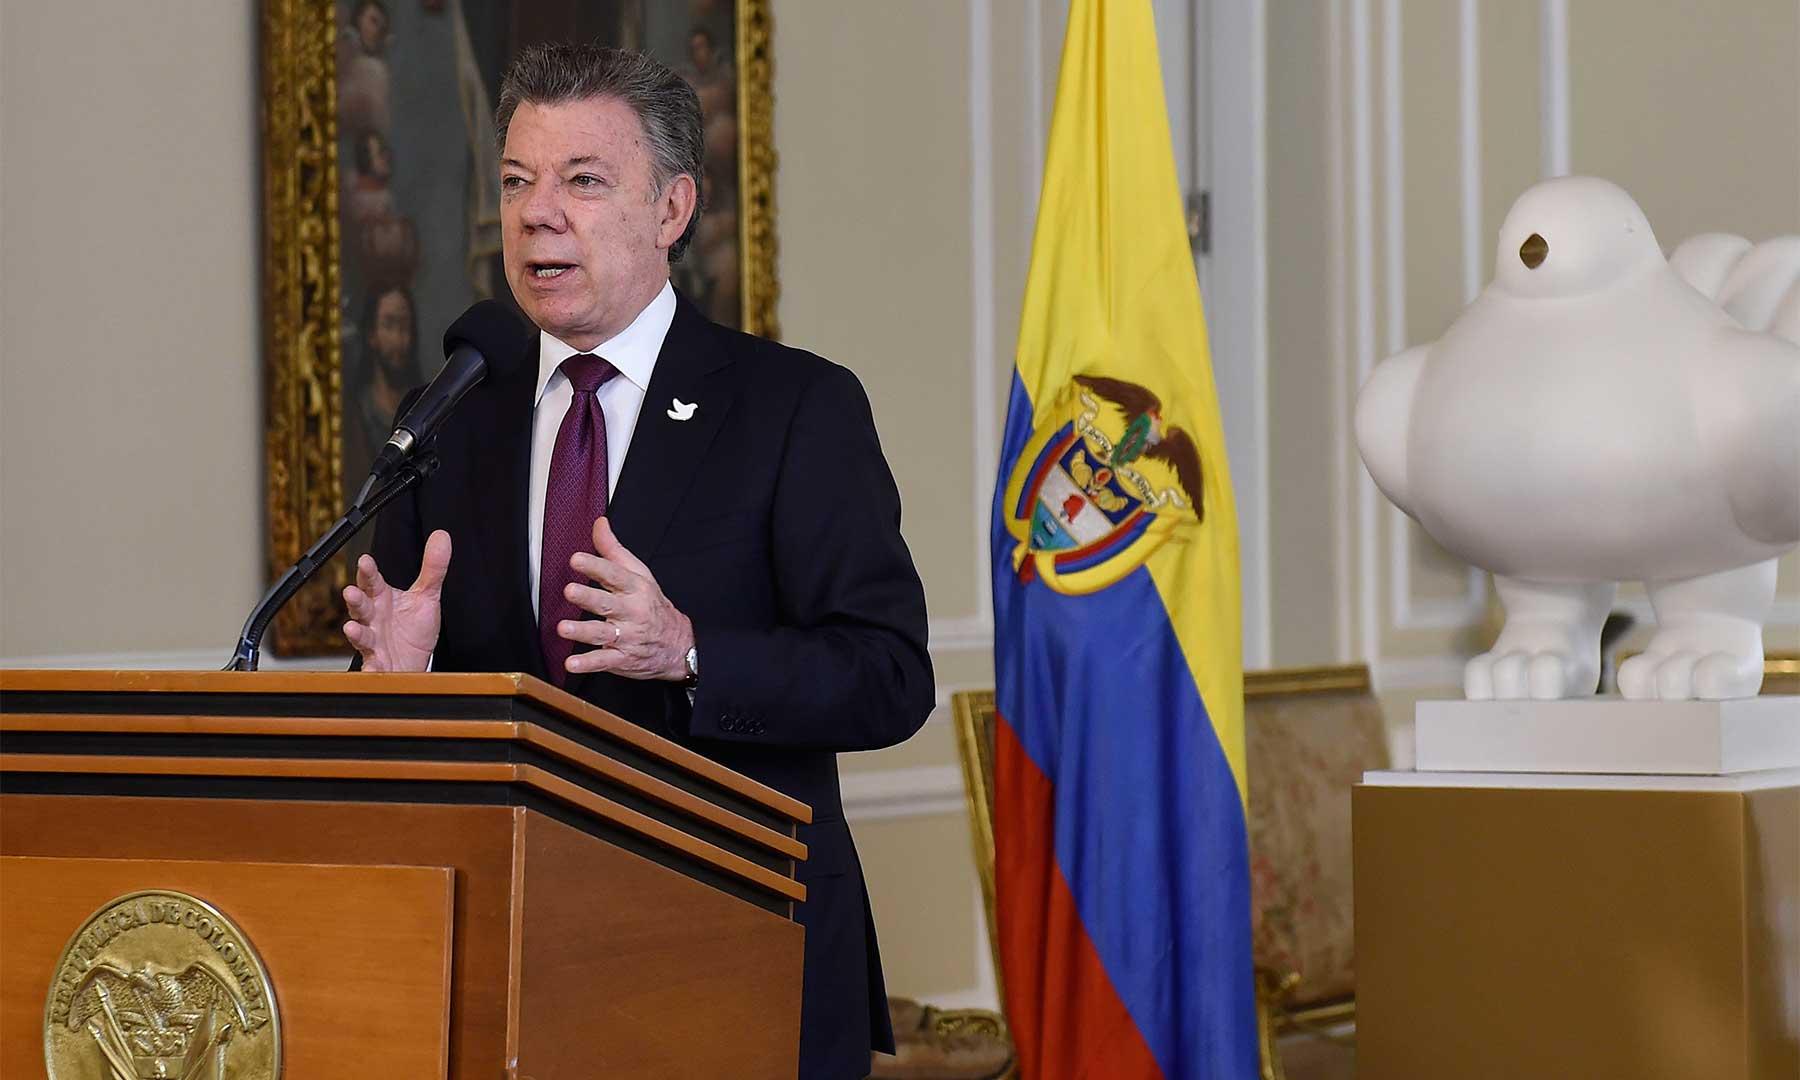 El Presidente Santos resaltó las trascendentales funciones del Consejo de Estado, tras posesionar en la Casa de Nariño a los nuevos magistrados: Stella Jeannette Carvajal y Rafael Francisco Suárez.